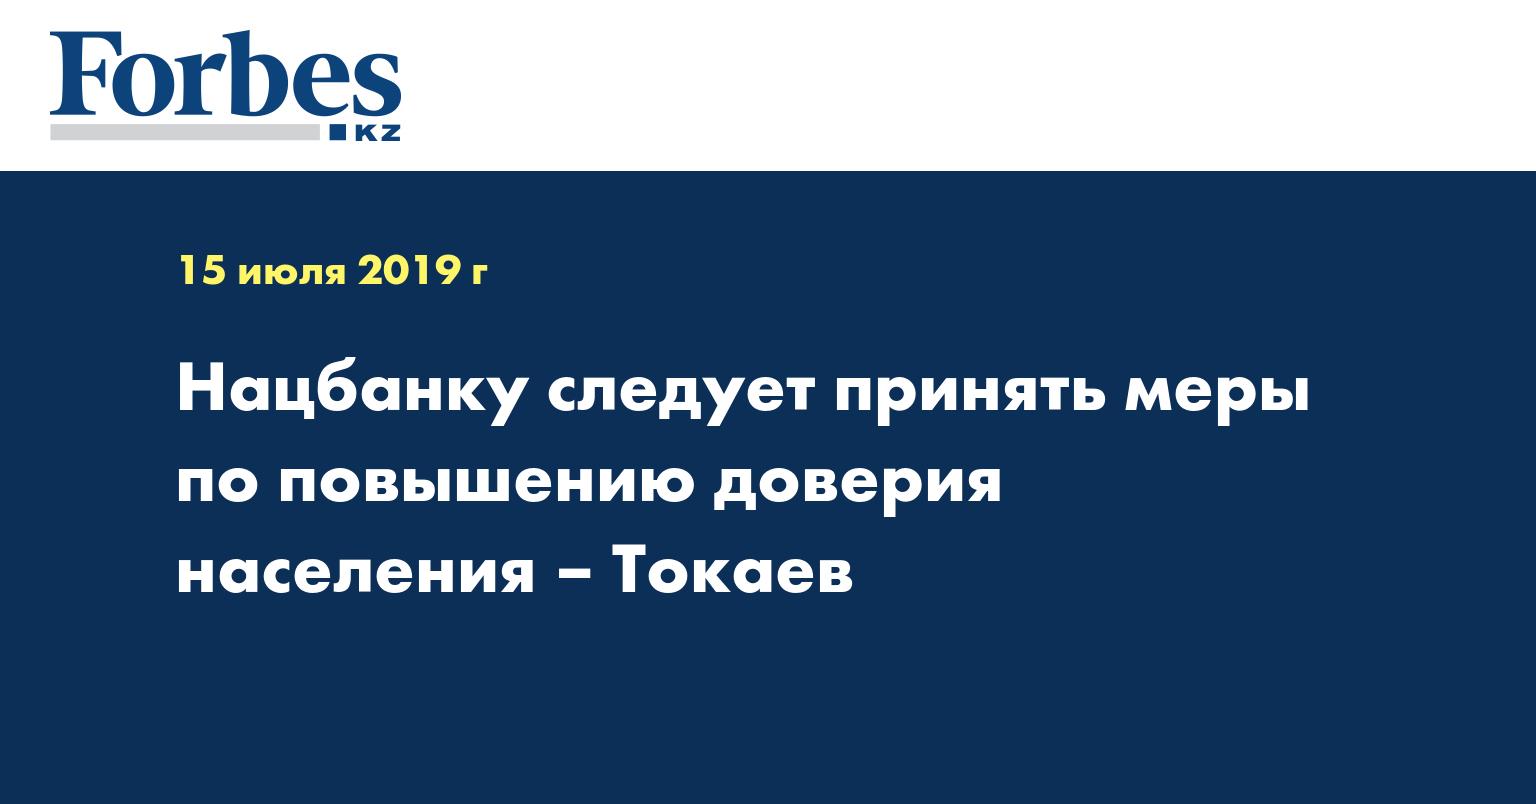 Нацбанку следует принять меры по повышению доверия населения – Токаев